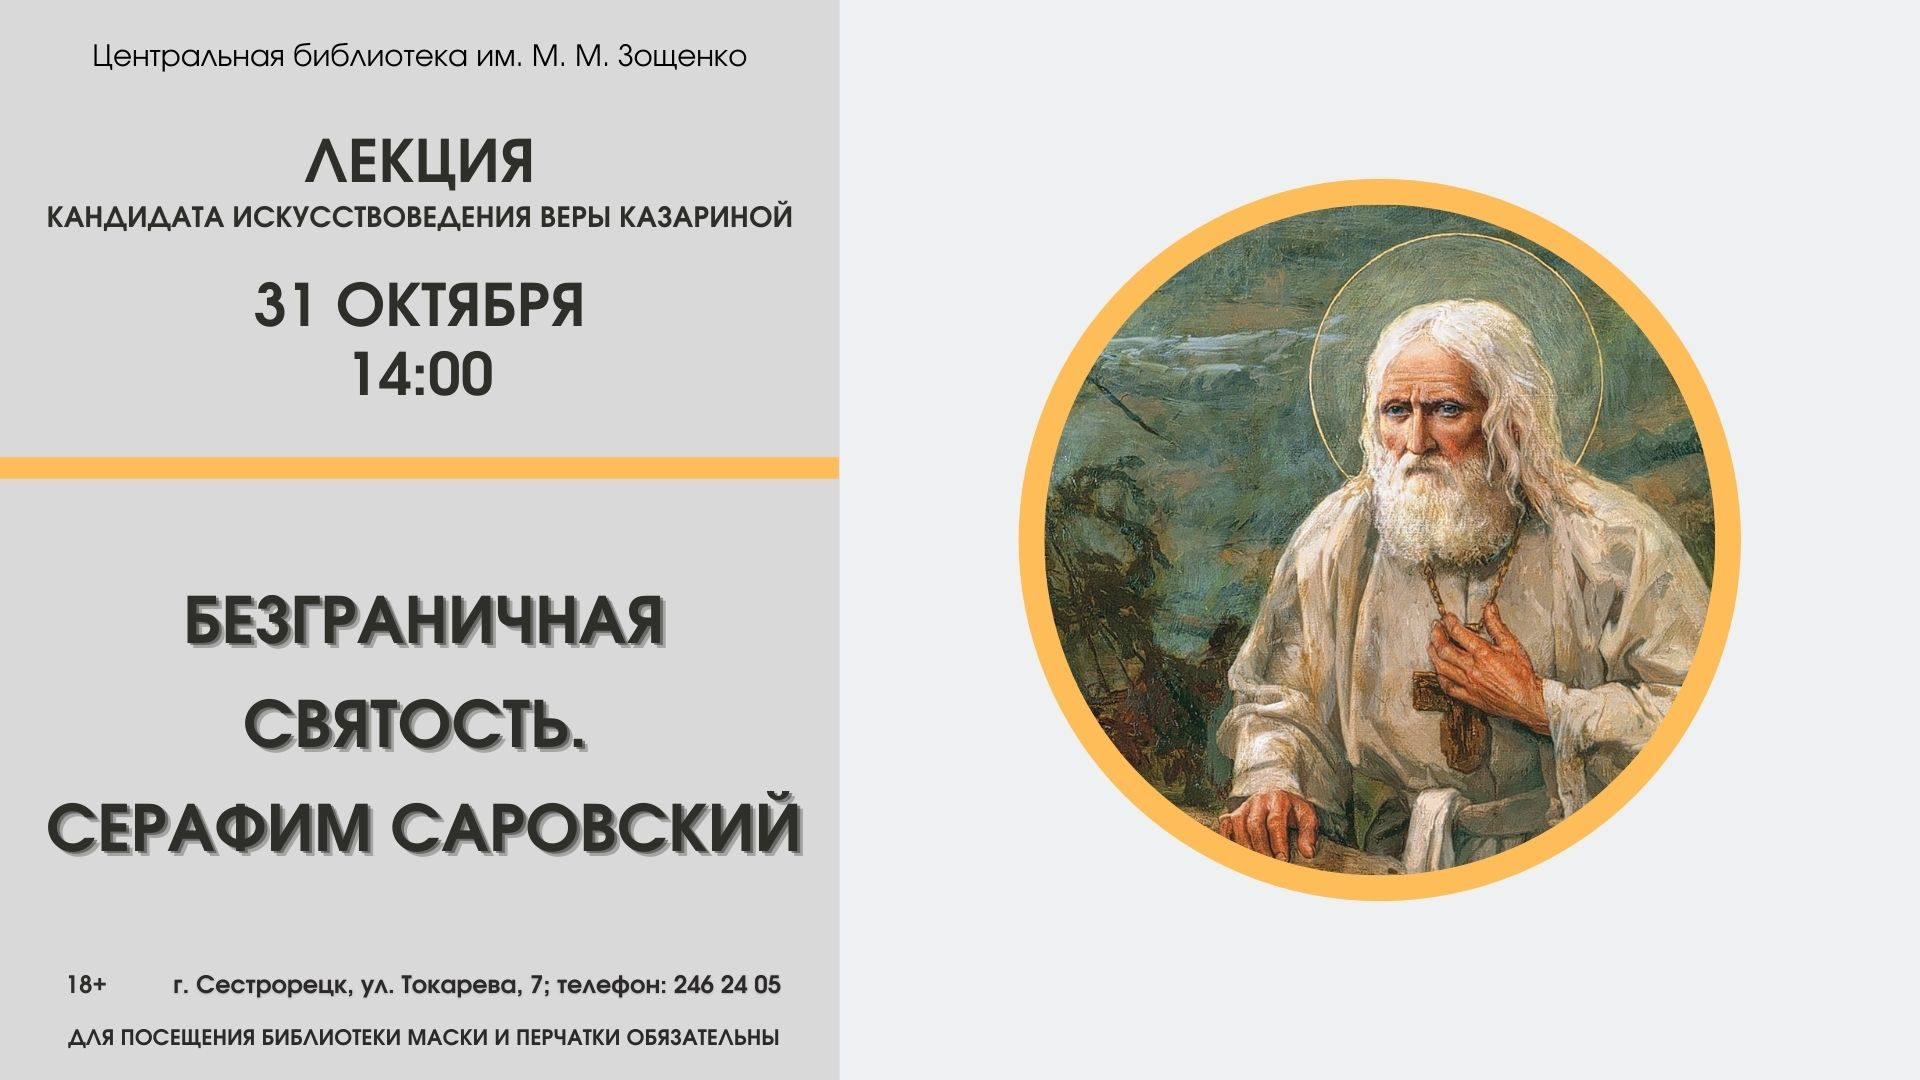 Саровский - 31.10 (ВК)